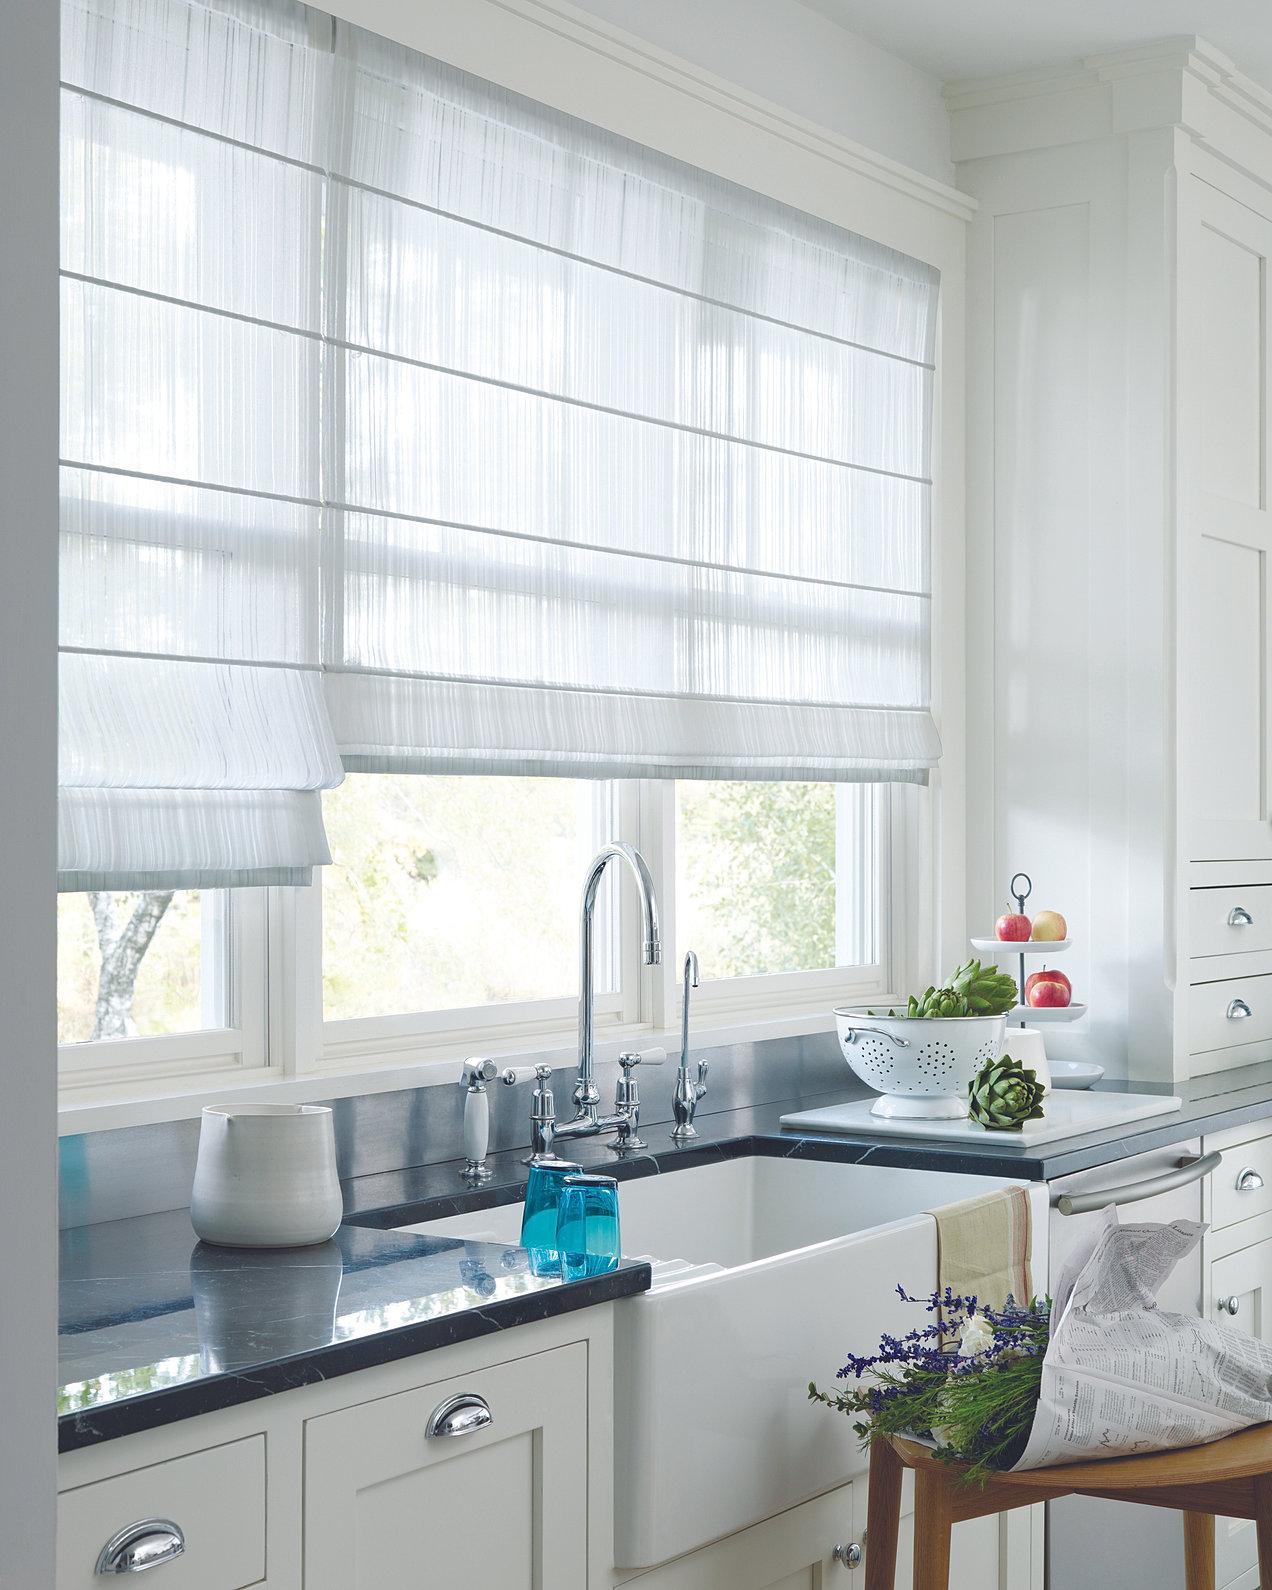 Prote O Solar Para Varanda Jardim America Arthurdecor Com Br  ~ Cortina De Rolo Para Cozinha